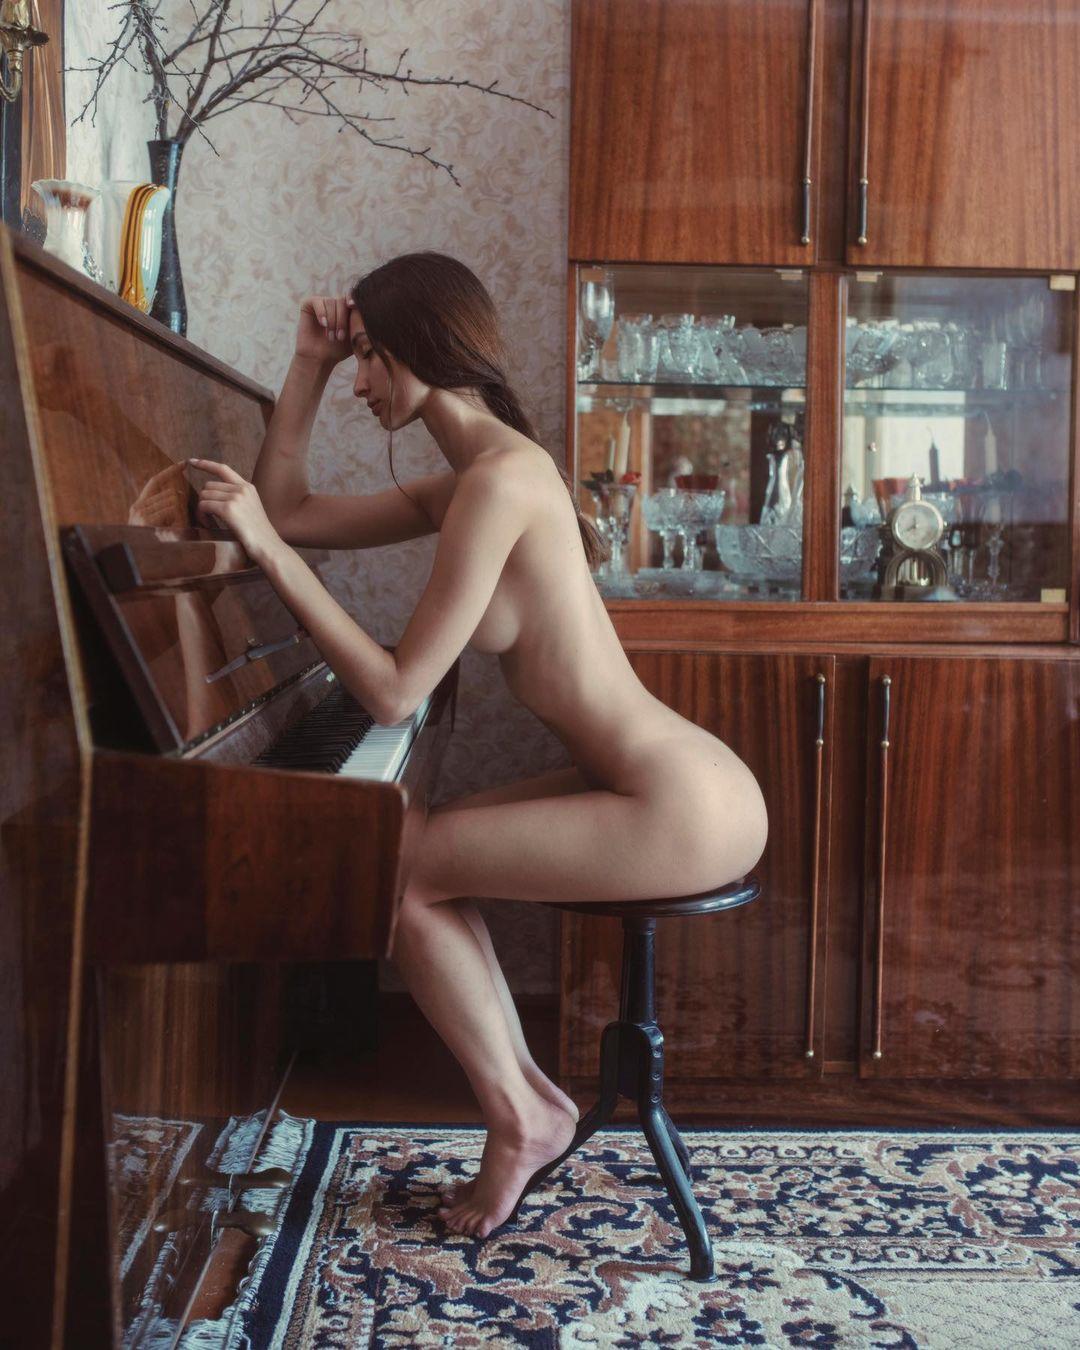 Anastasiia Zakharenko by David Dubnitskiy